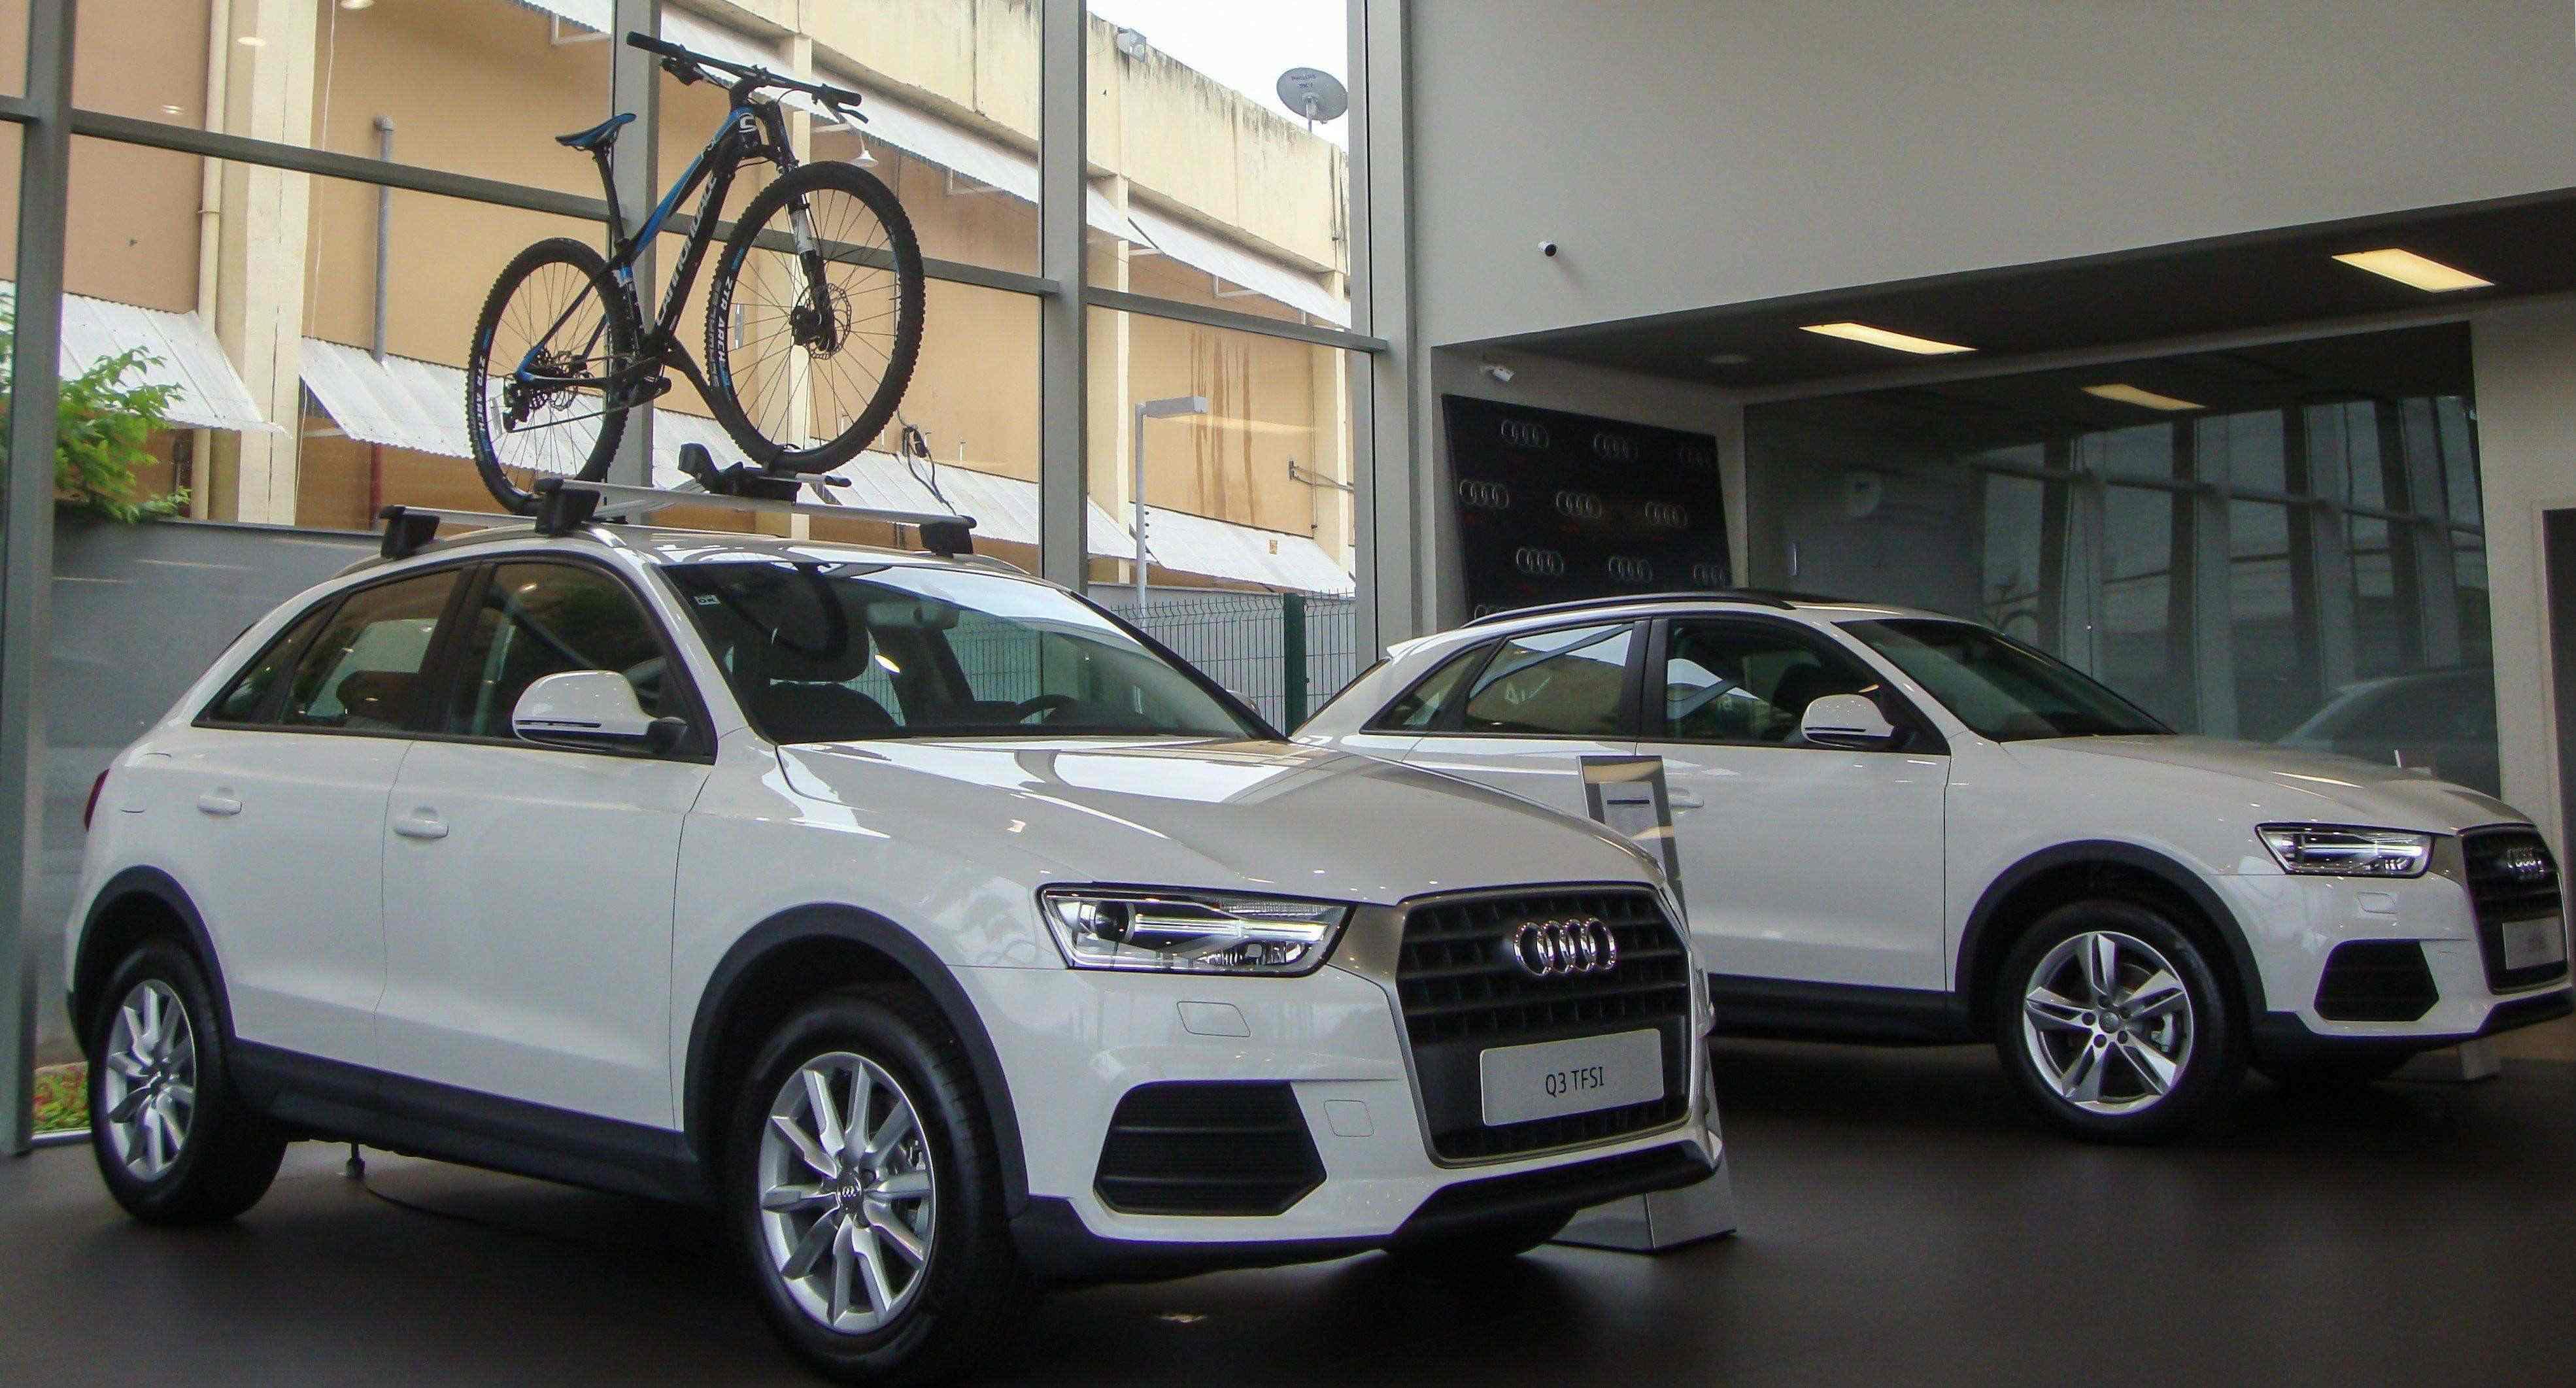 Últimos dias de Audi Open Haus: preços de 2015 e condições especiais